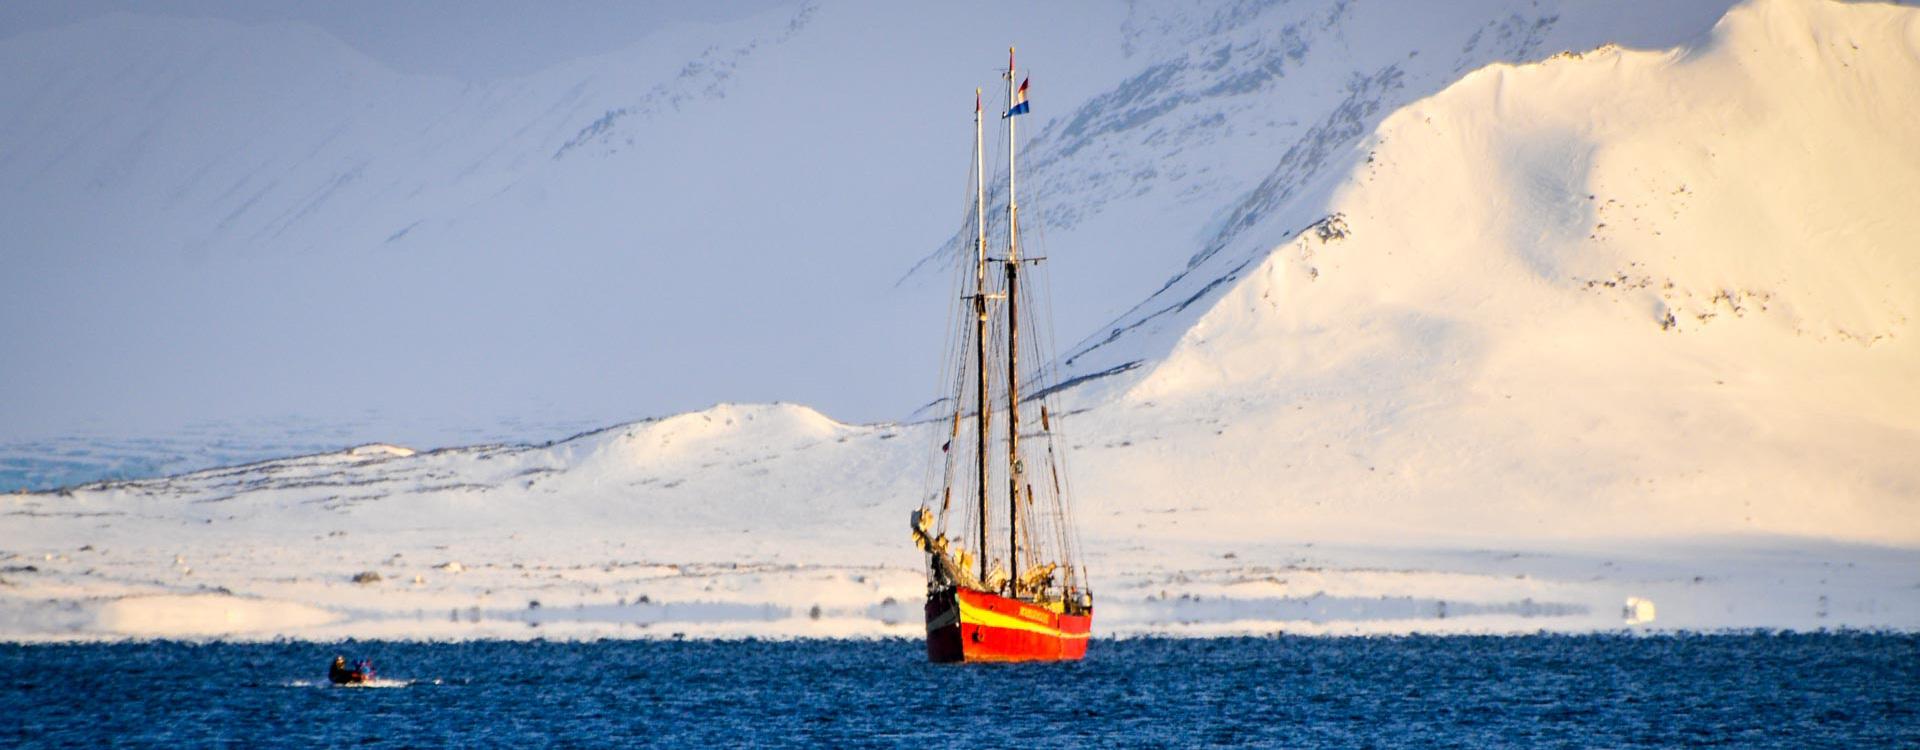 skitouren-svalbard-spitzbergen-mit-dem-boot.jpg